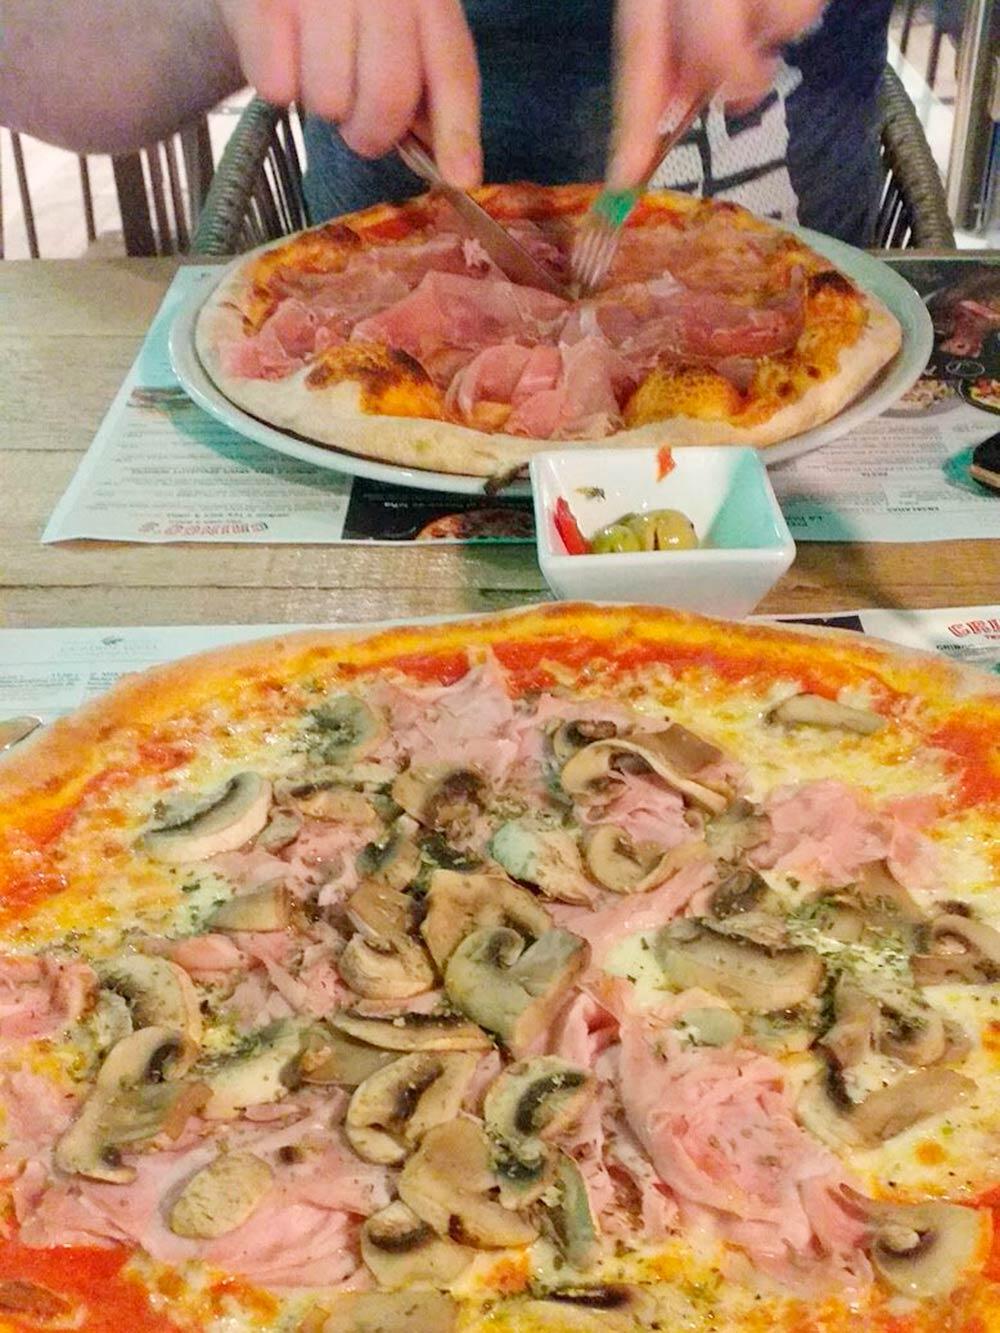 Две пиццы и бутылка вина на двоих стоят примерно 25—30€